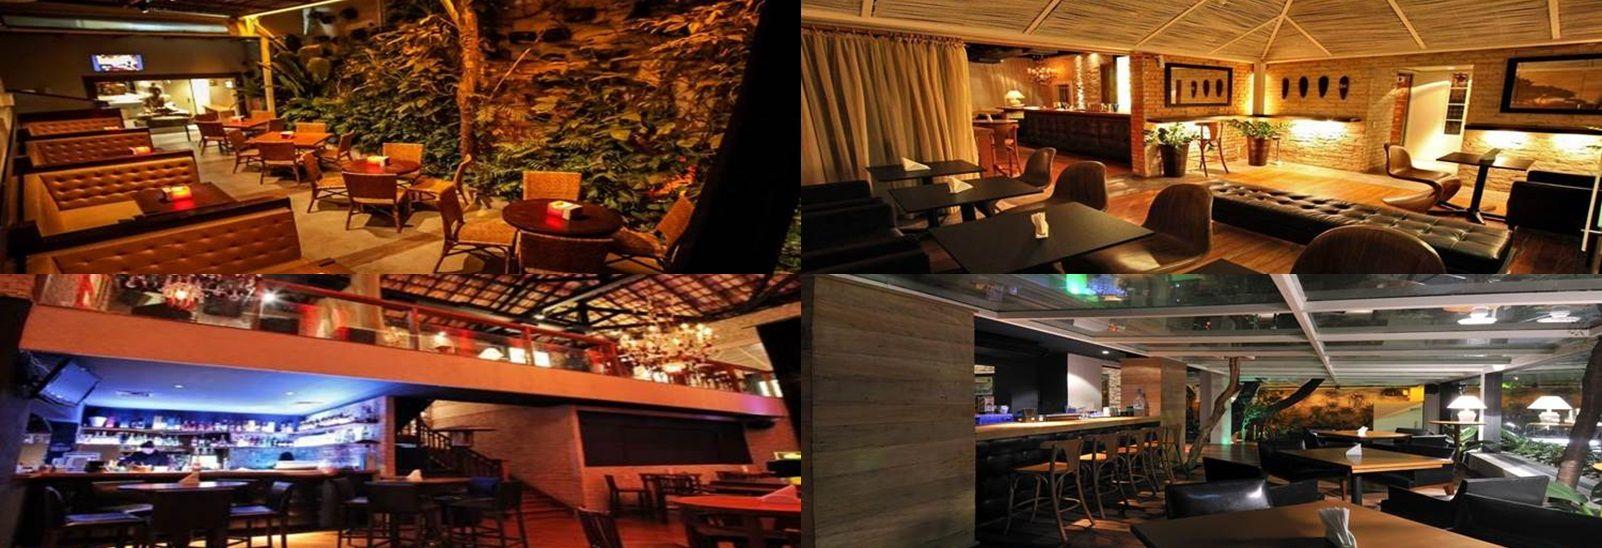 Restaurante Impecável na Região do Jardins, Ótimo Faturamento. Confira!!!